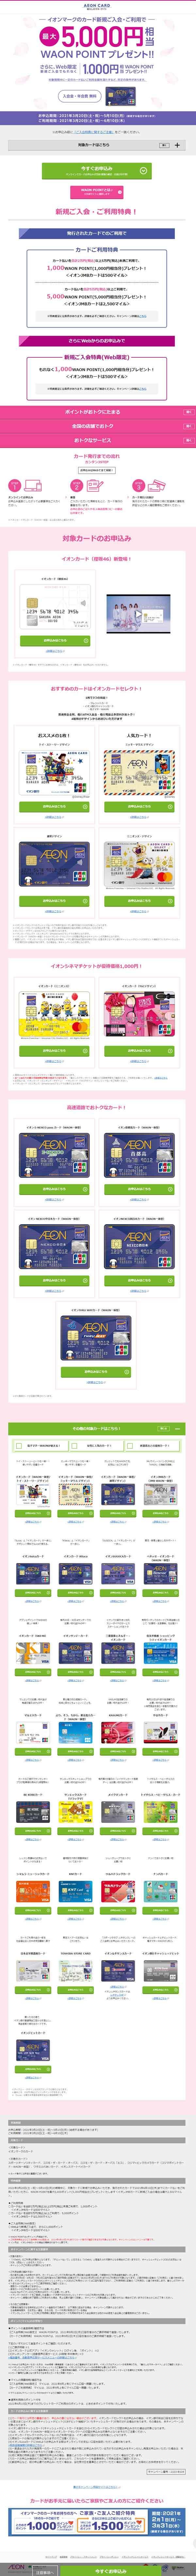 イオンカード、2021年3月20日(土・祝)~5月10日(月)までの入会キャンペーンページのキャプチャー画像